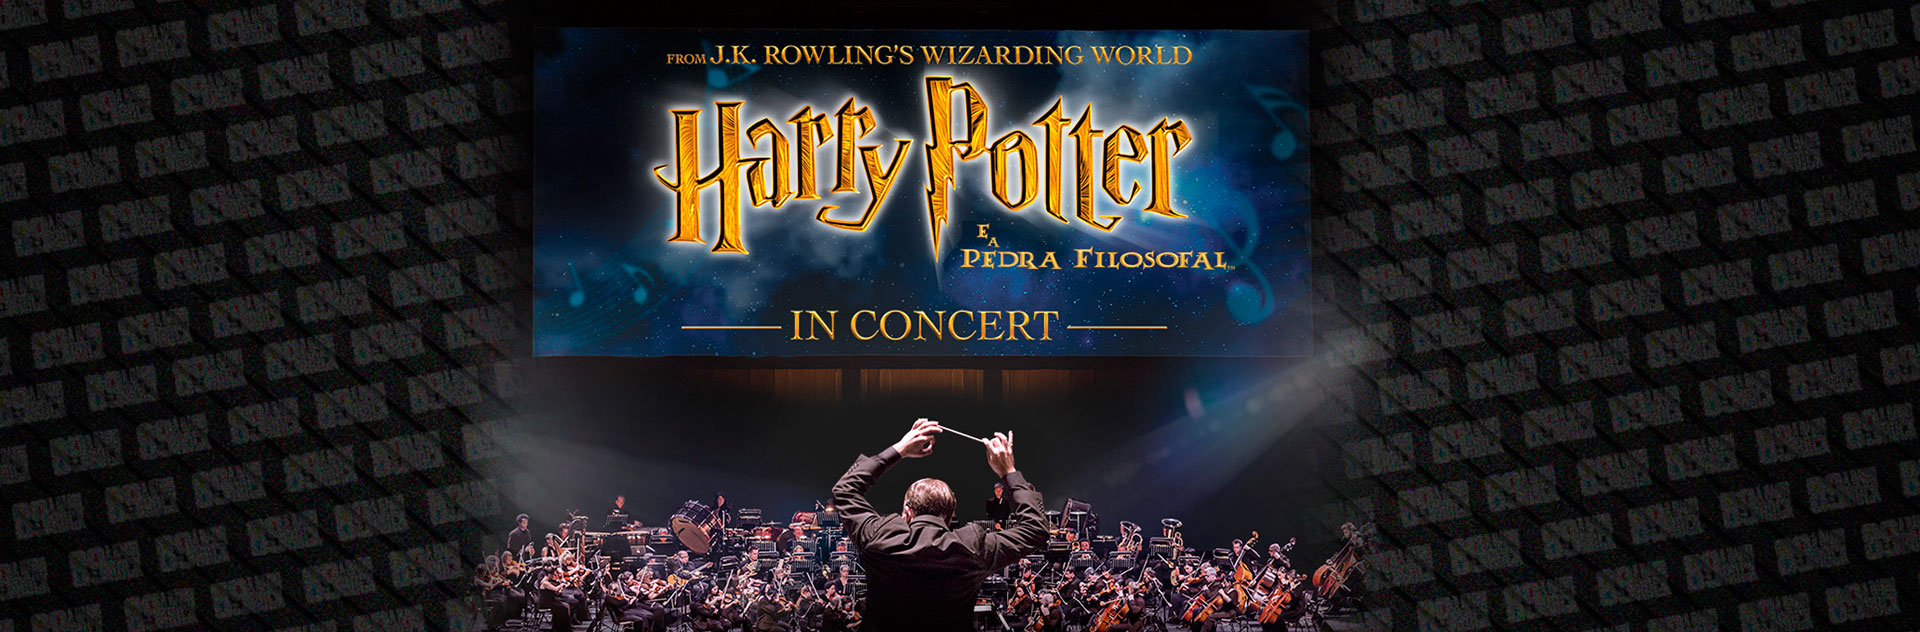 Exibição de Harry Potter com orquestra ao vivo chega ao Brasil em março